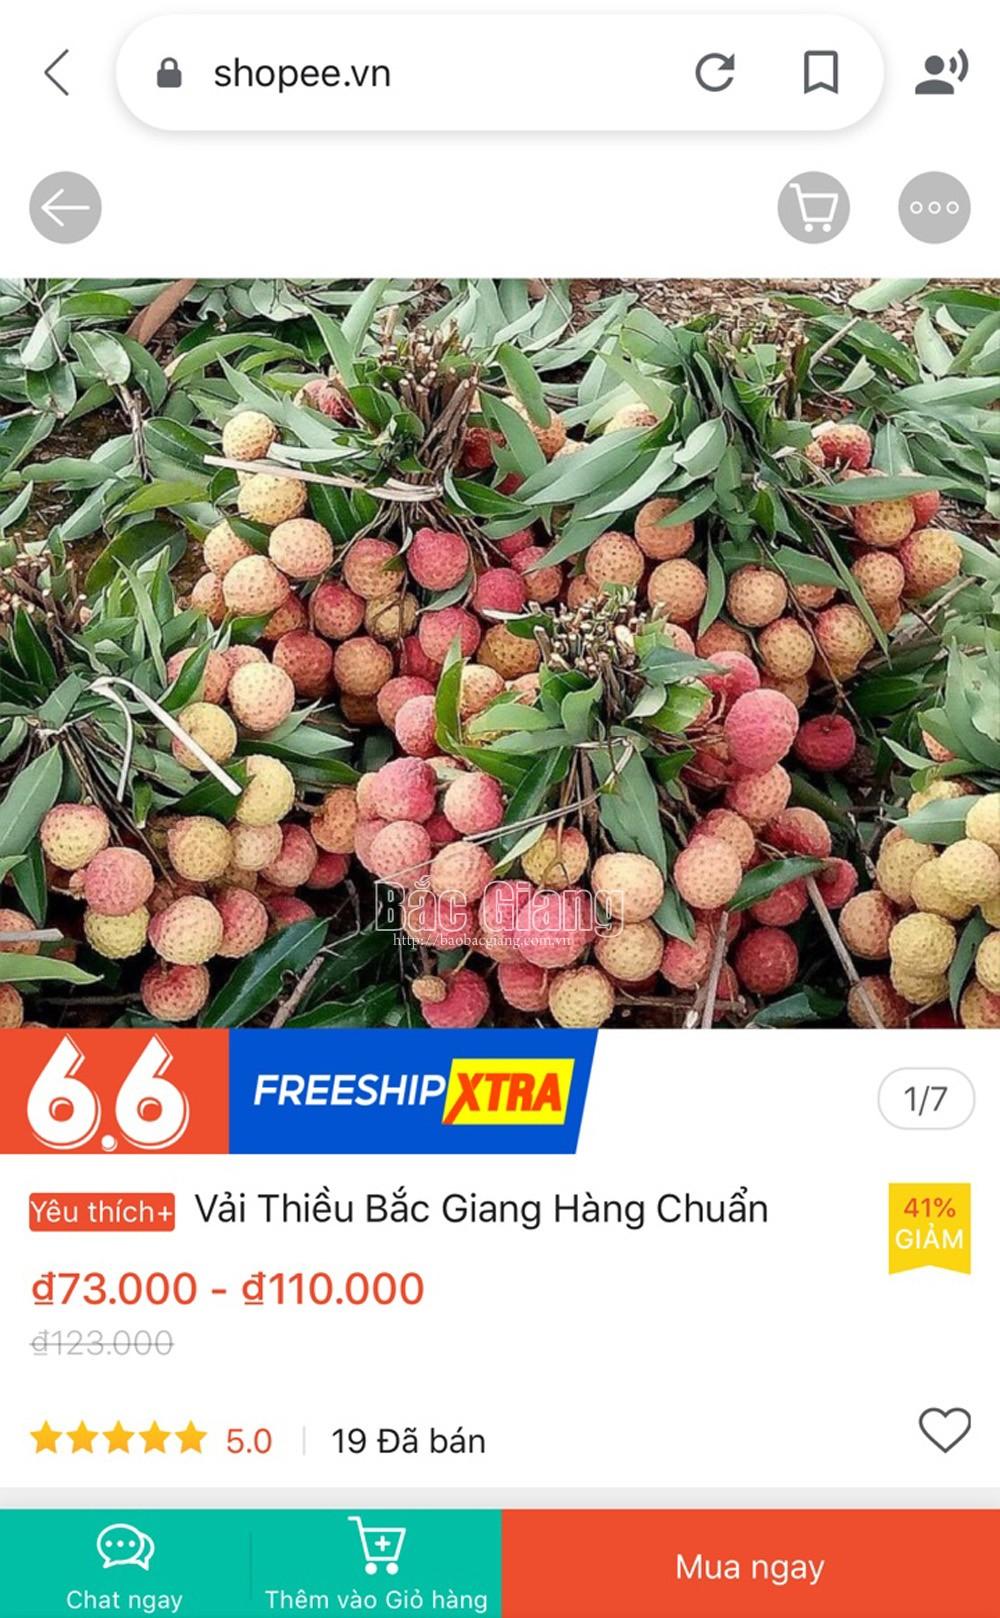 Vải thiều Bắc Giang được bán trên 6 sàn thương mại điện tử - Ảnh 1.